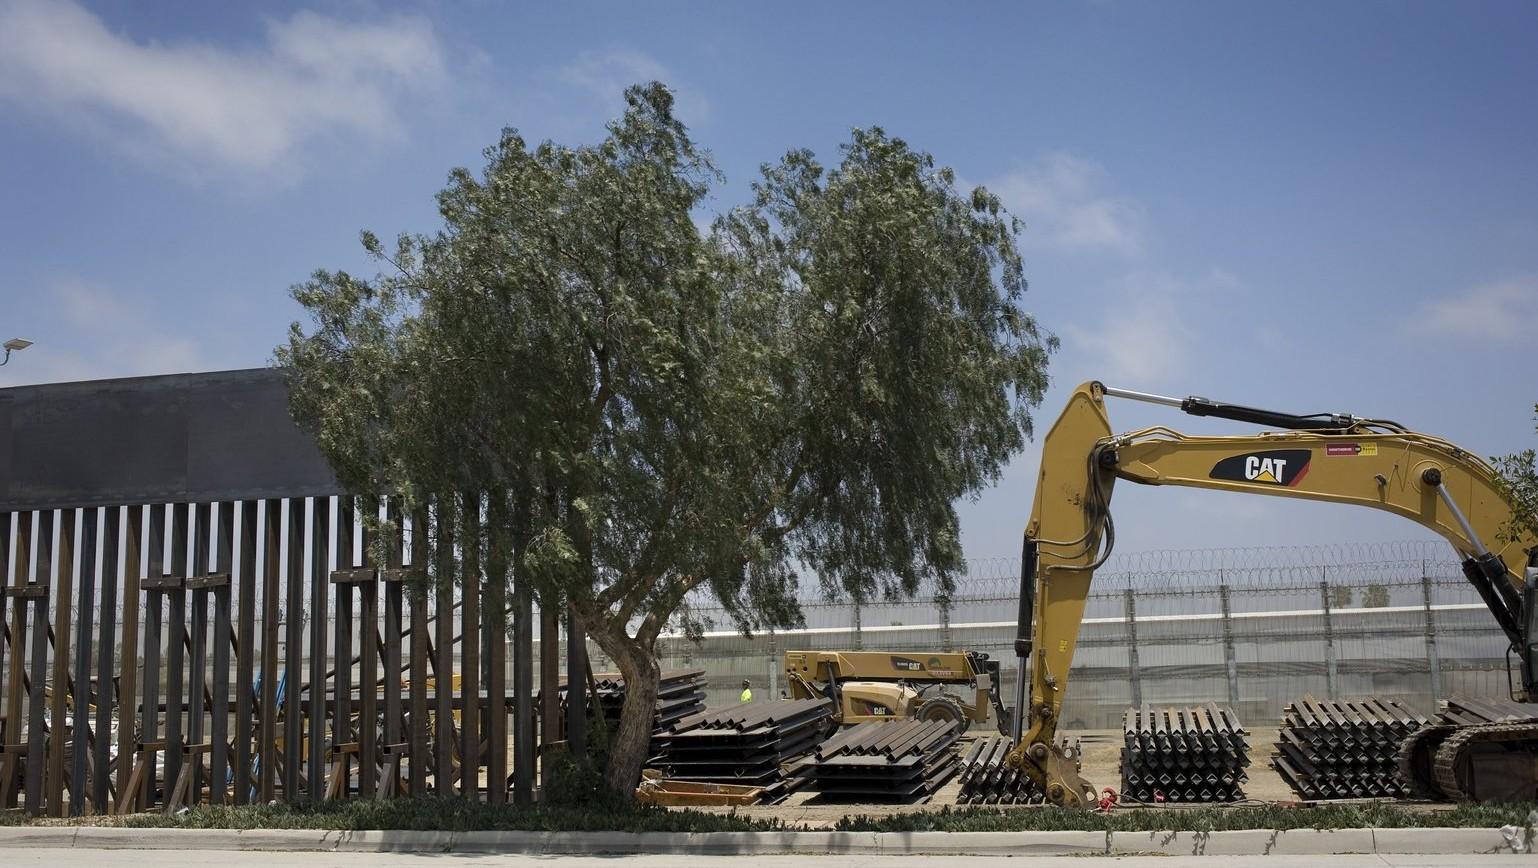 A mexikói-amerikai határ mexikói oldaláról készített felvétel: munkások dolgoznak a két országot a mexikói Tijuana és az egyesült államokbeli San Diego térségében elválasztó határkerítésnél 2018. június 20-án – a munkálatok során az elsődleges, régi határkerítést egy magasabb és nagyobb védelmet nyújtó fémkerítésre cserélik ezen a szakaszon (MTI/EPA/David Maung)